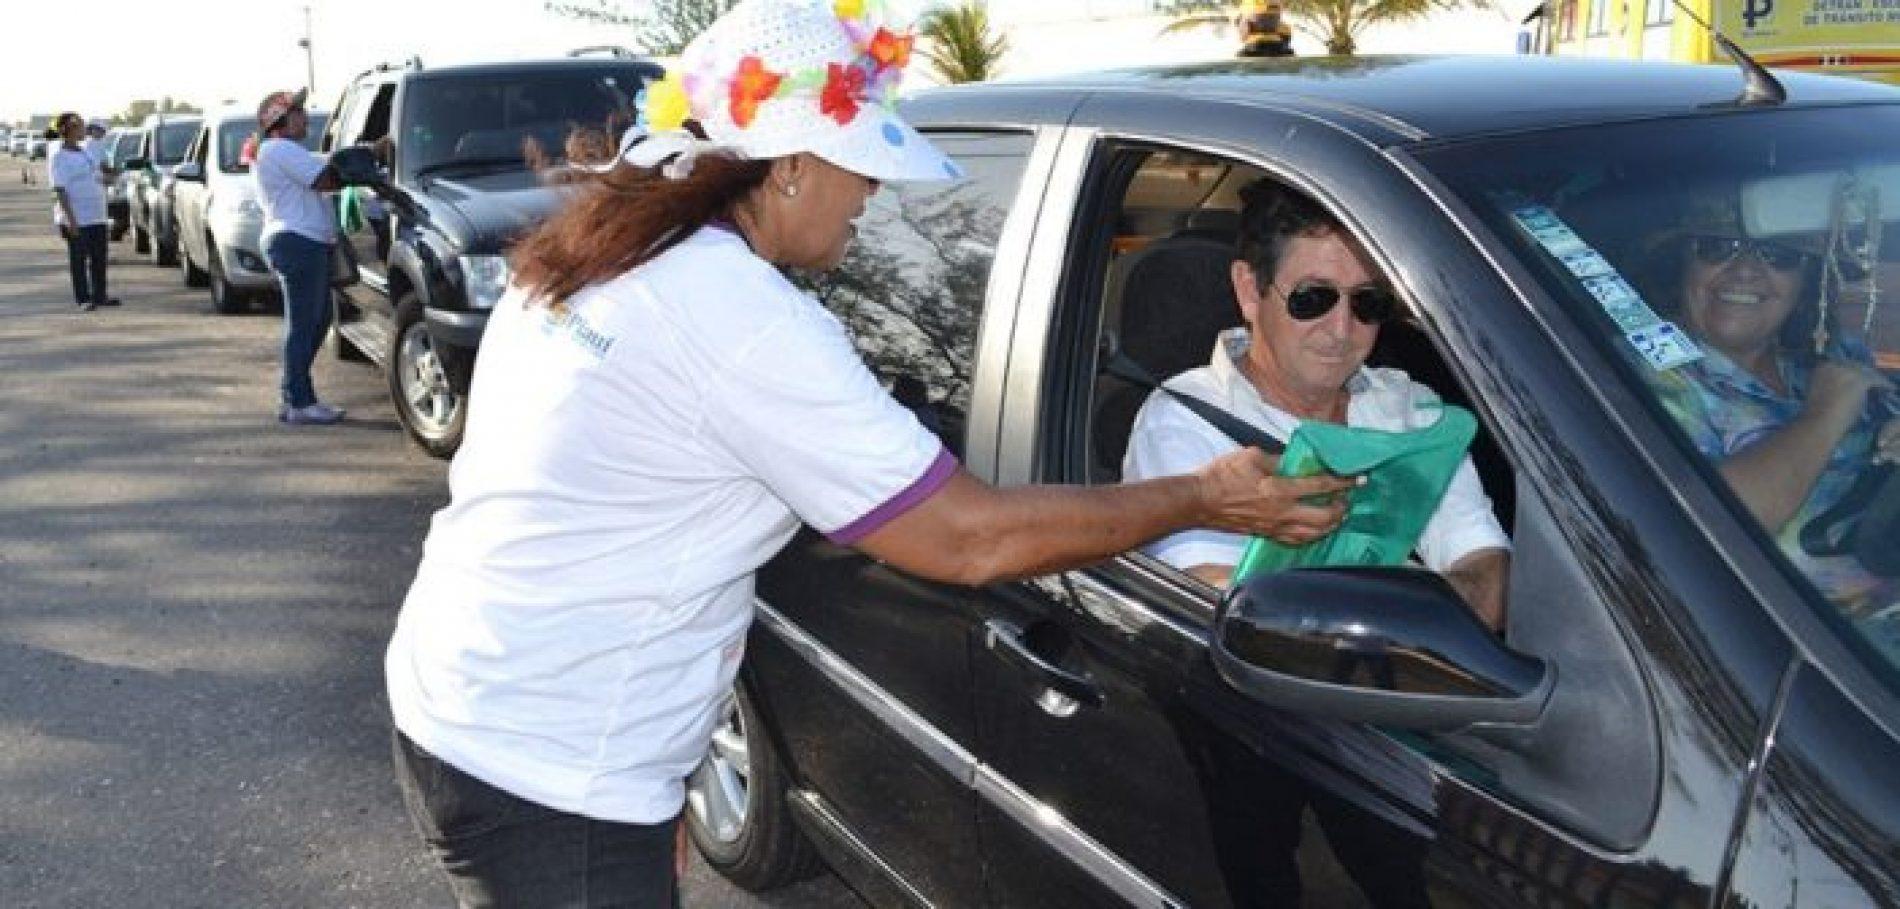 Detran realiza ações pela valorização da vida na Semana Nacional de Trânsito